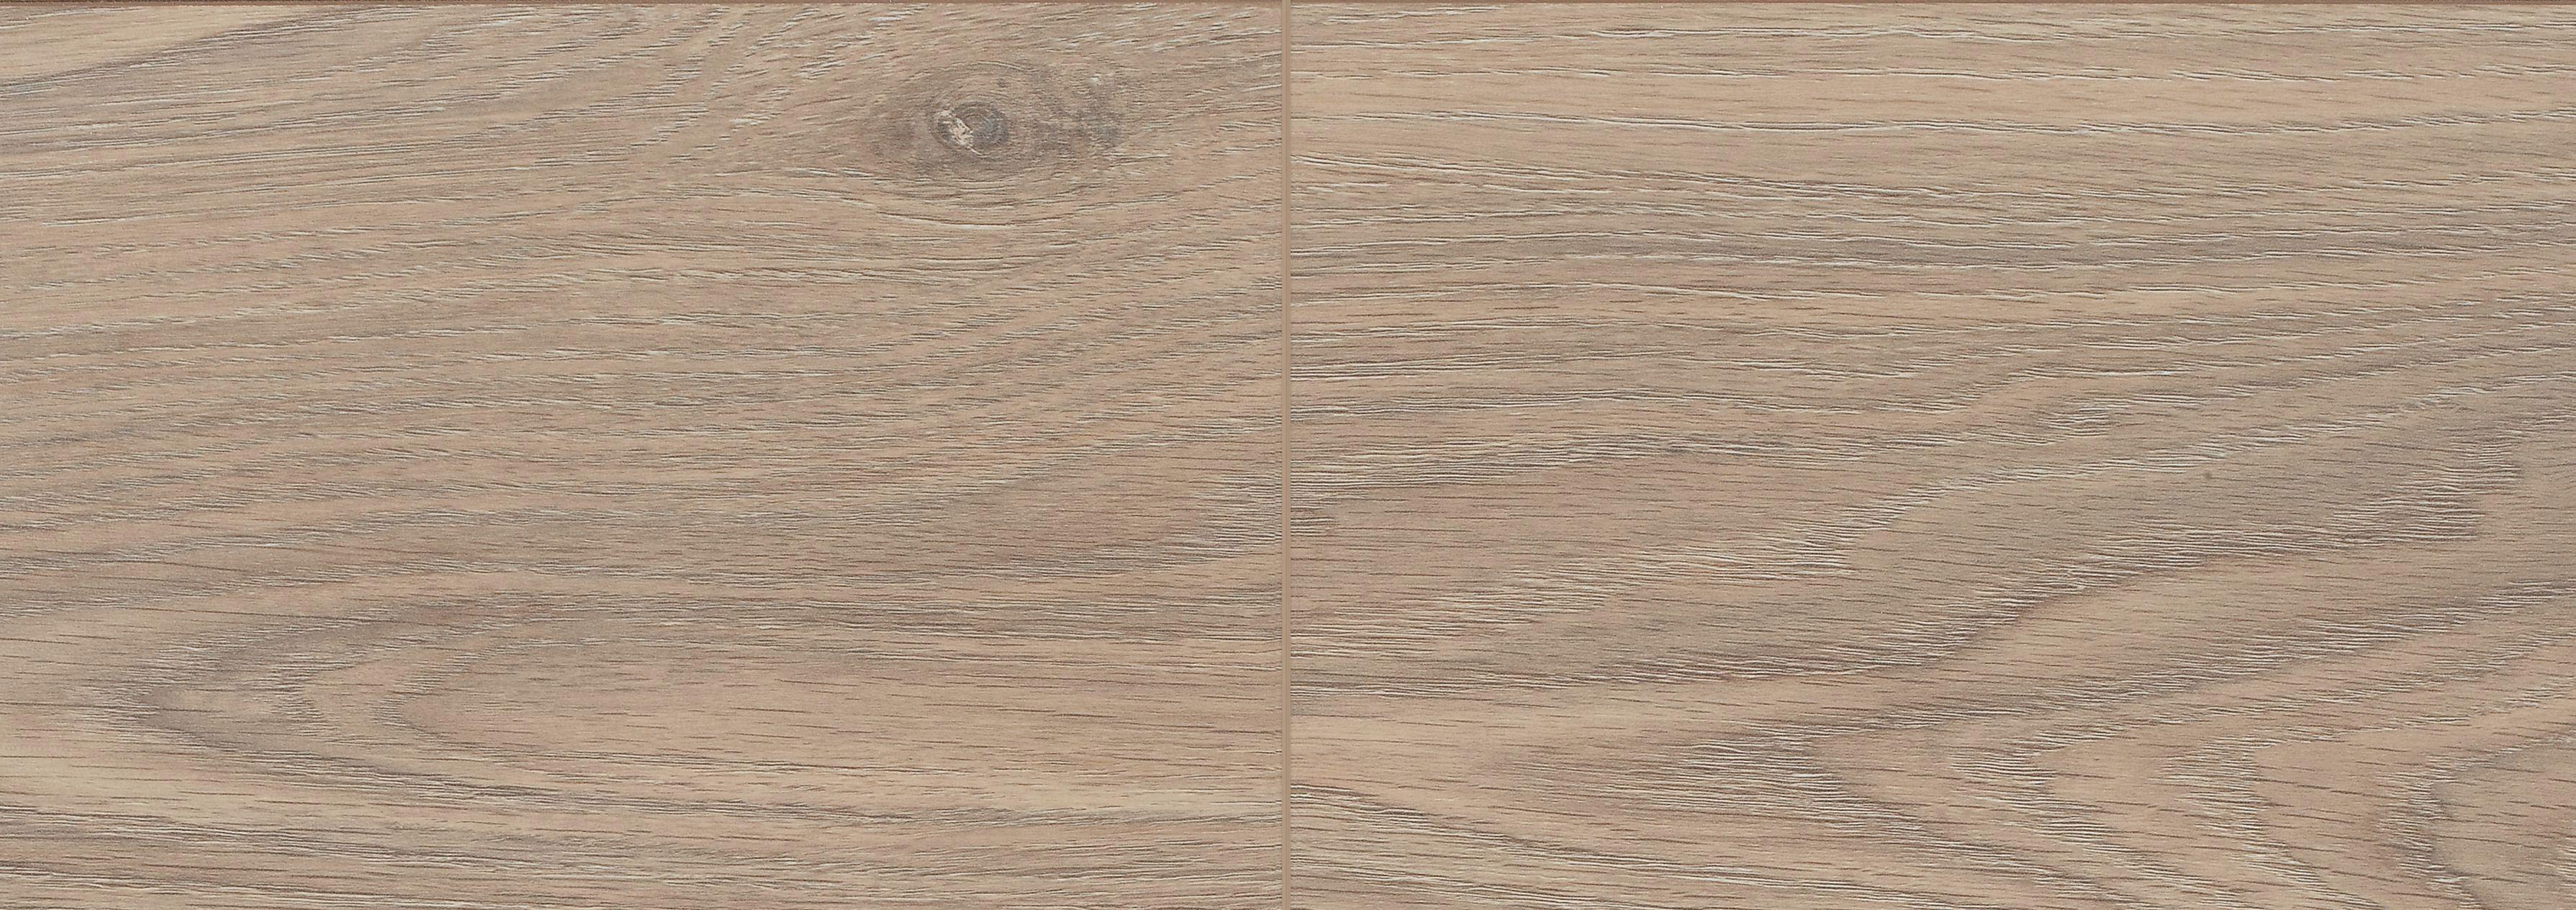 Staccato Oak Parquet Effect Laminate Flooring 1 86 M Pack Arpeggio Natural Heritage